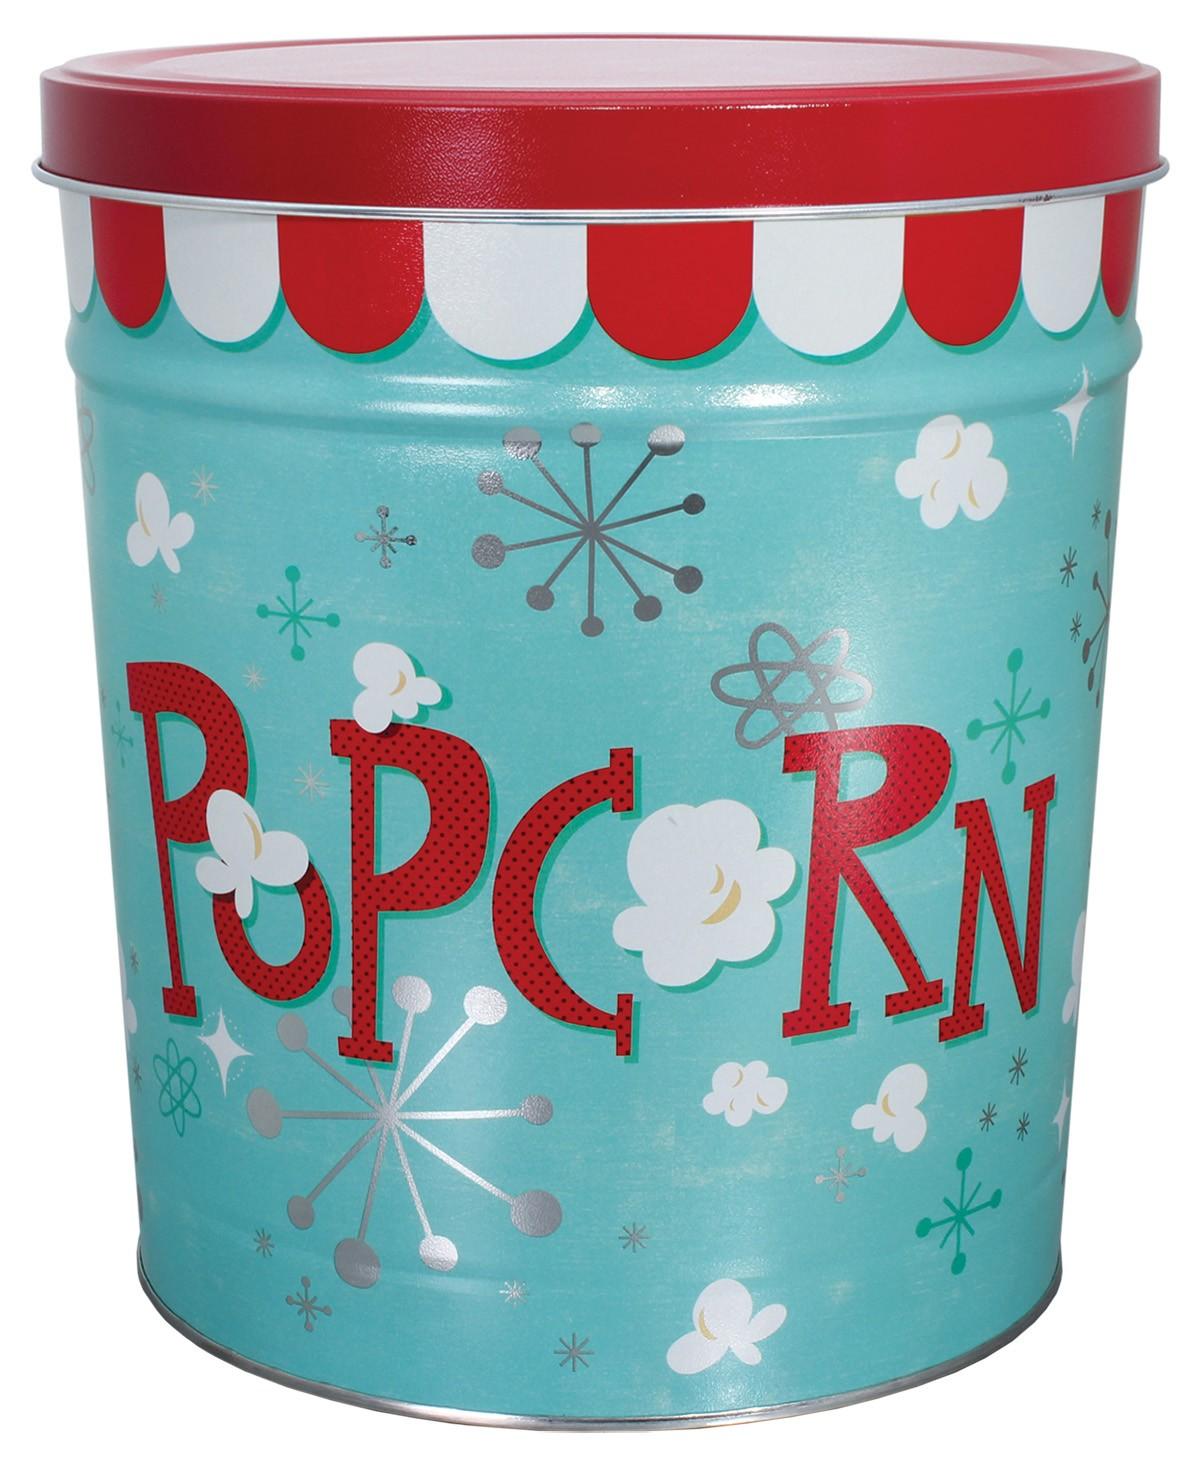 Popcorn Blast Popcorn Tin – 6.5 gallon